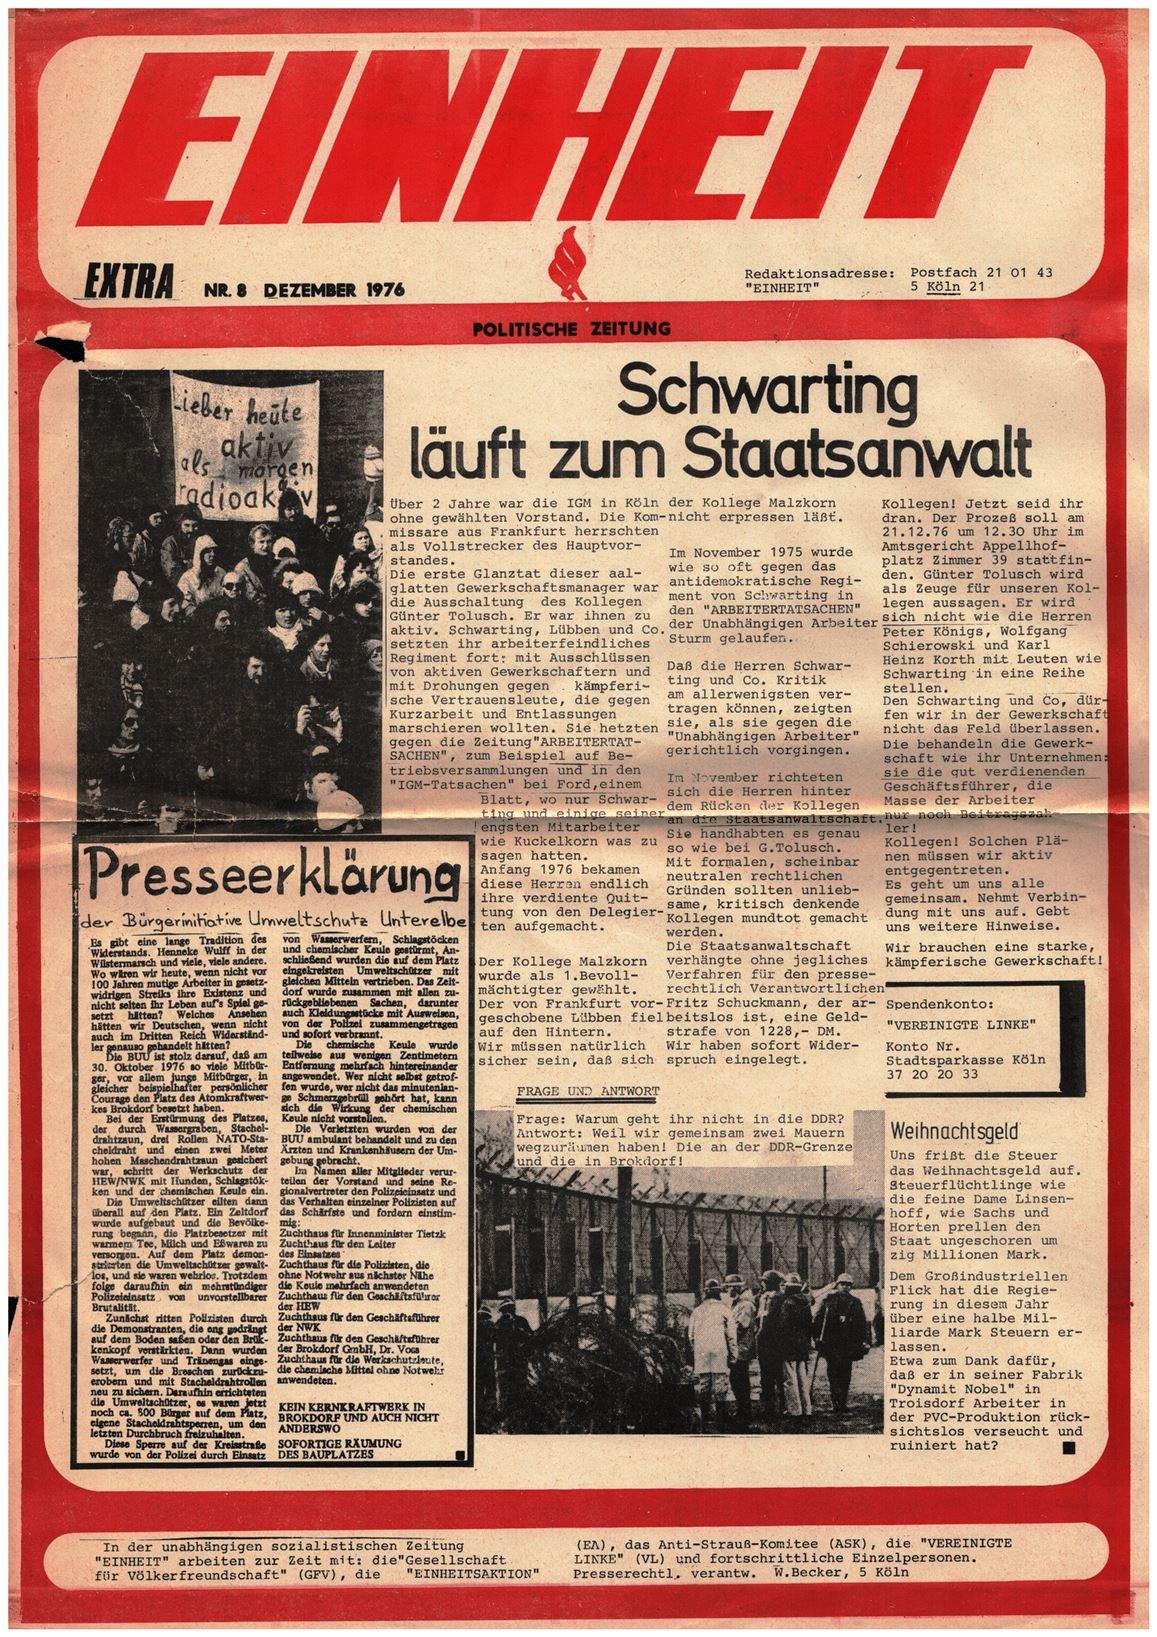 Koeln_IPdA_Einheit_1976_Extra_001